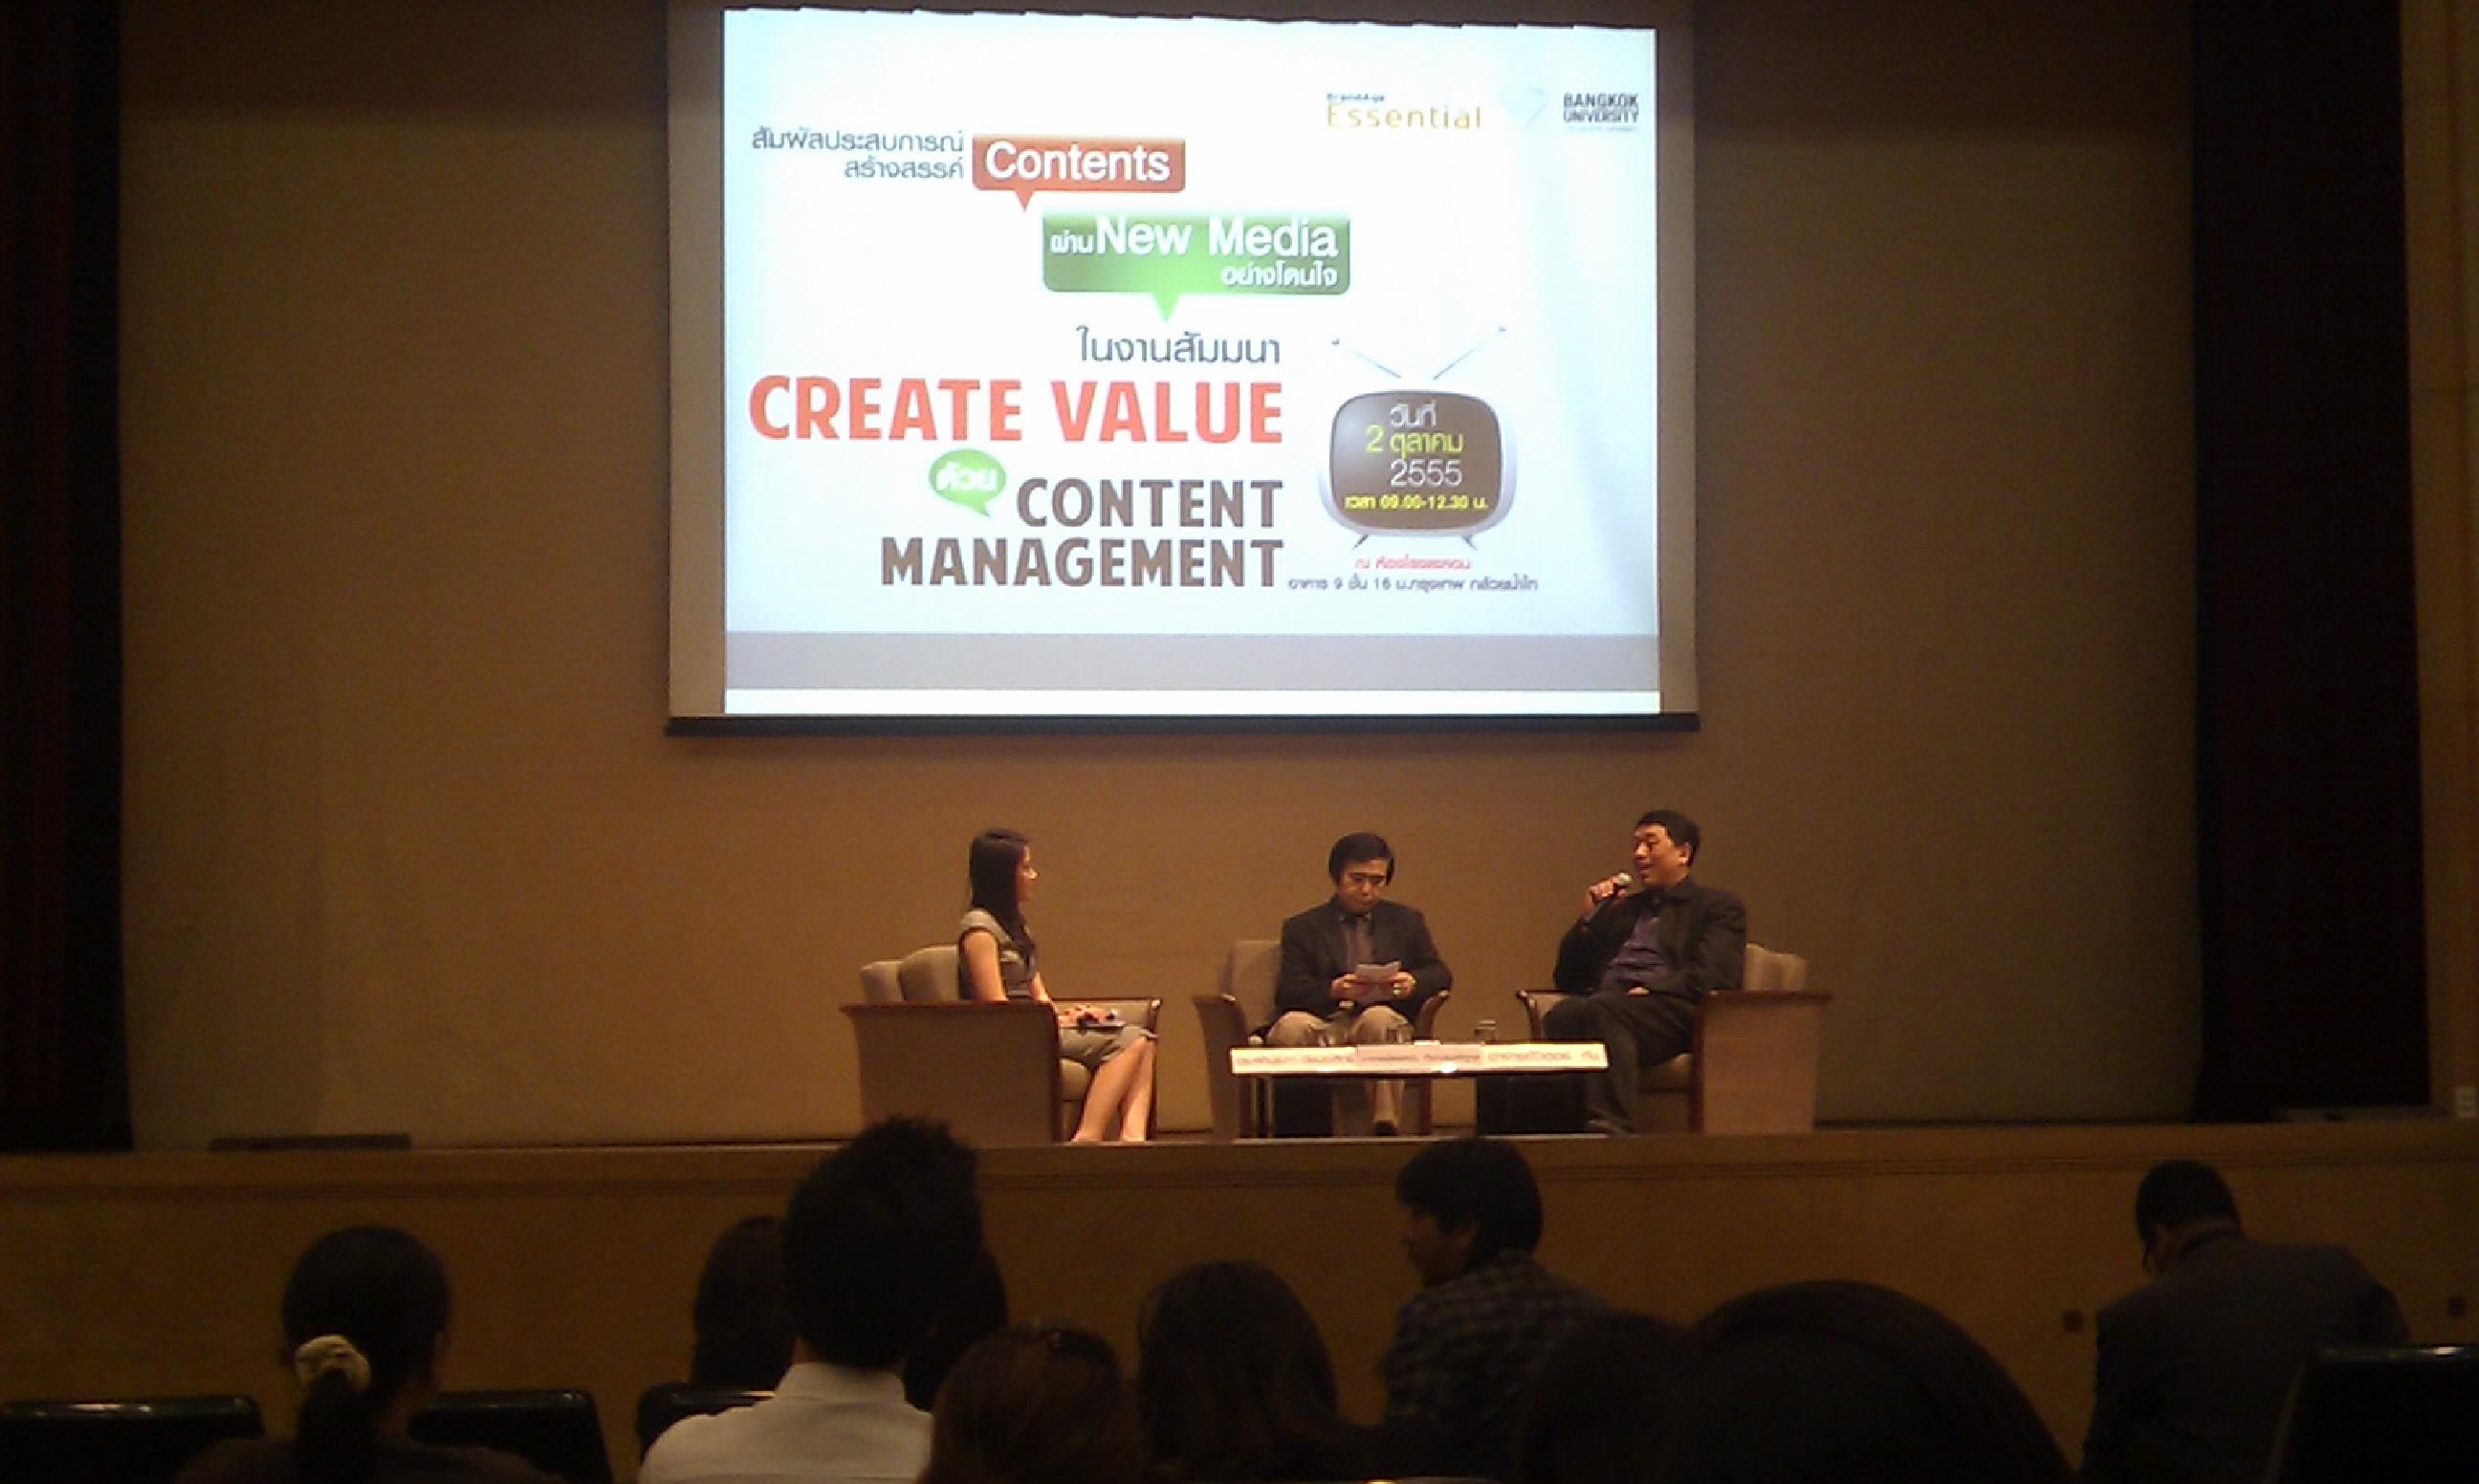 งานสัมนา BrandAge Create Value ด้วย Contents Management